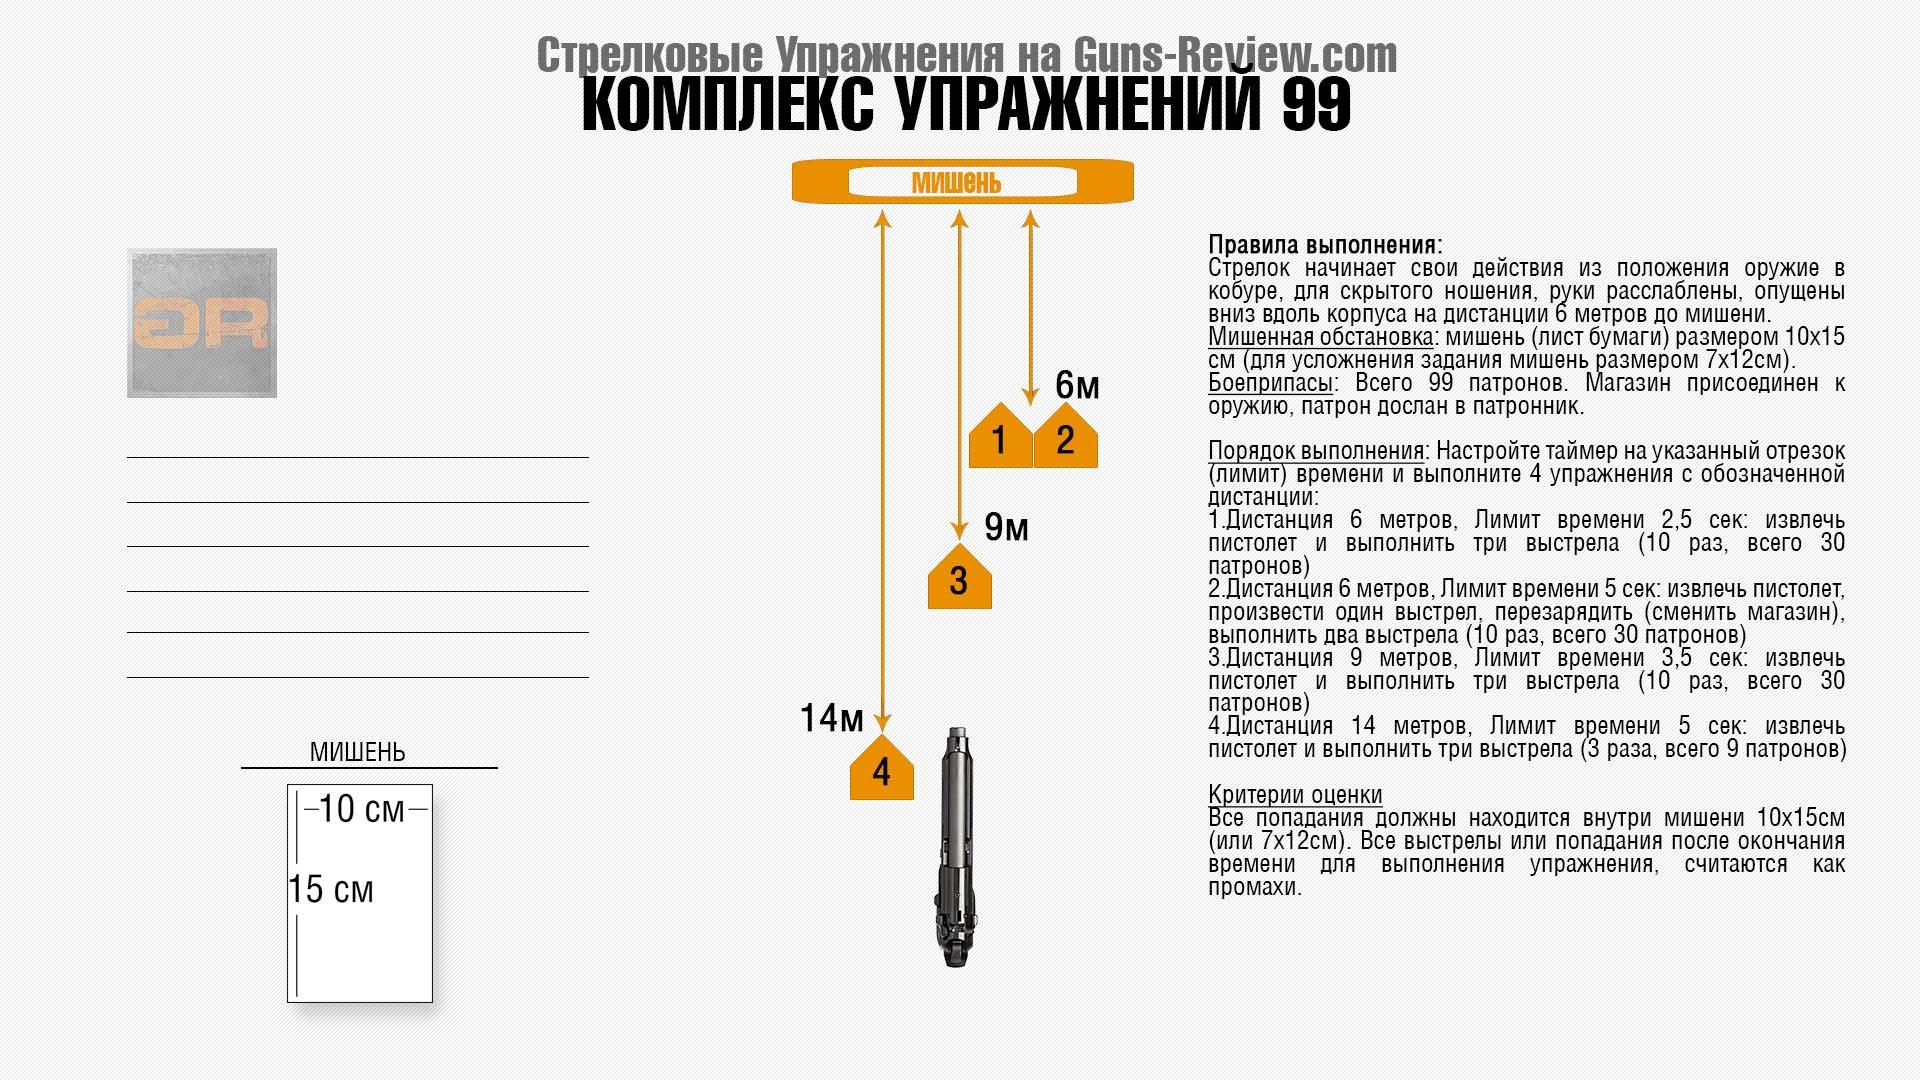 Схема и Правила выполнения комплекса стрелковых упражнений с пистолетом 99